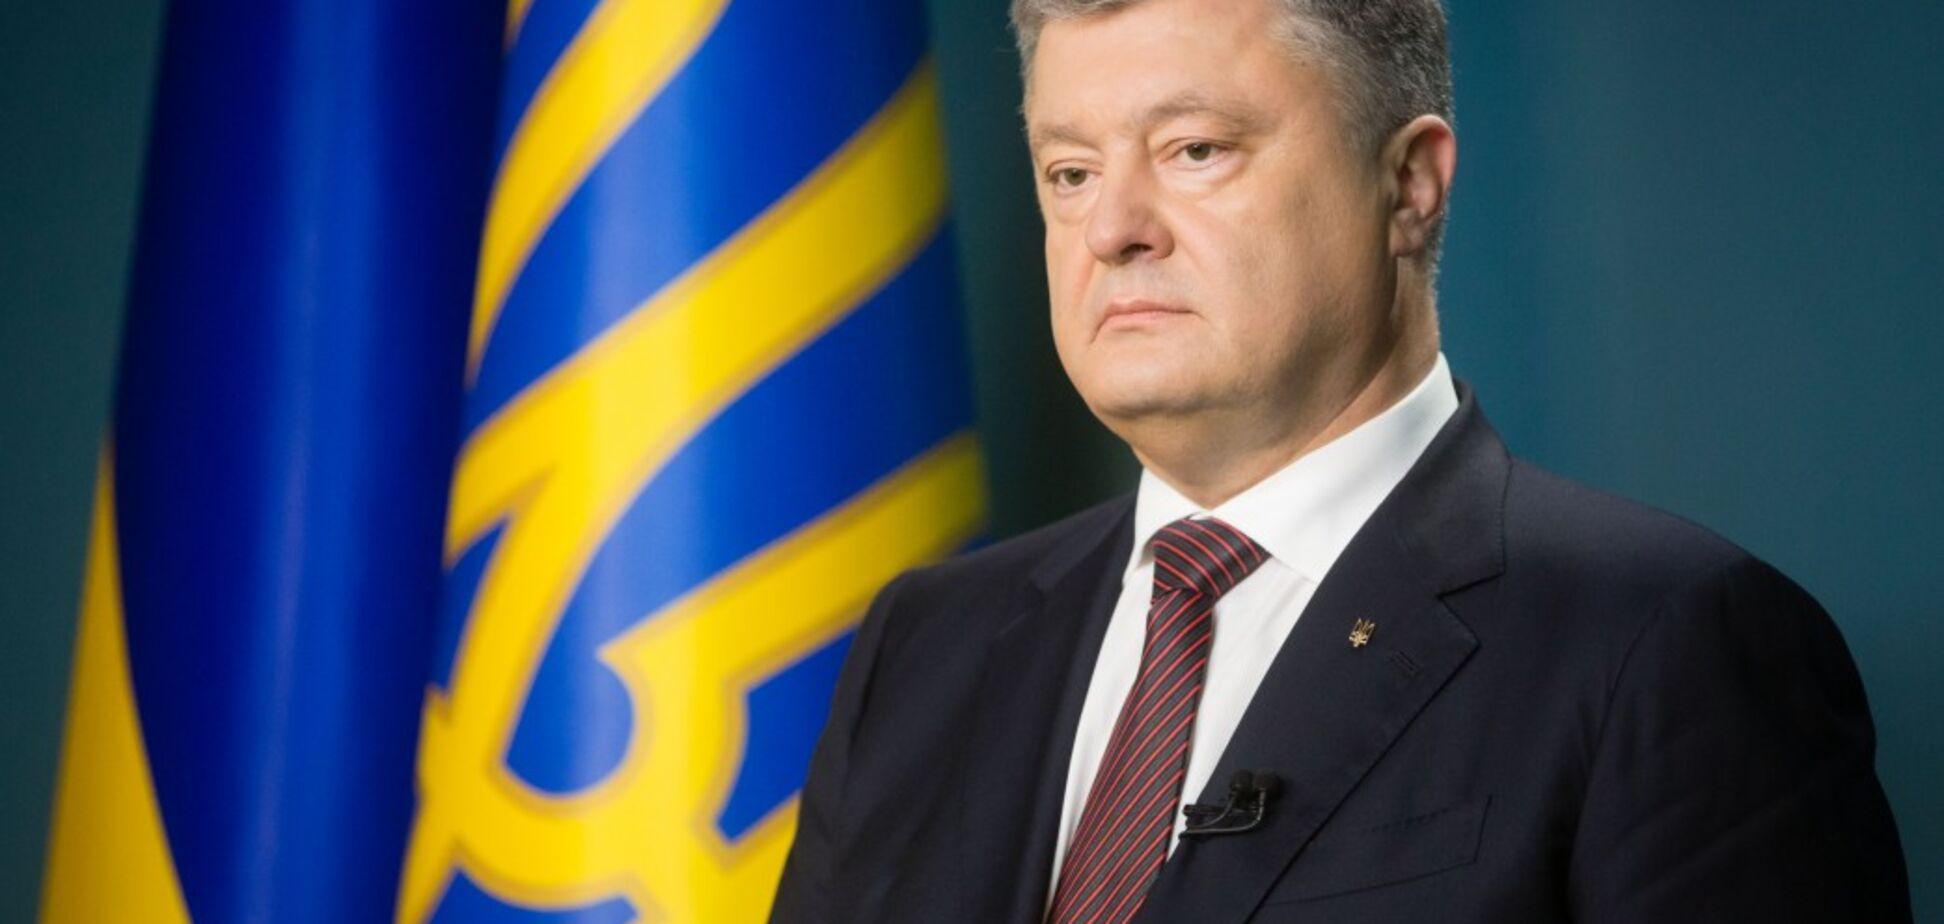 Антикоррупционный суд: Порошенко внес в Раду нашумевший законопроект